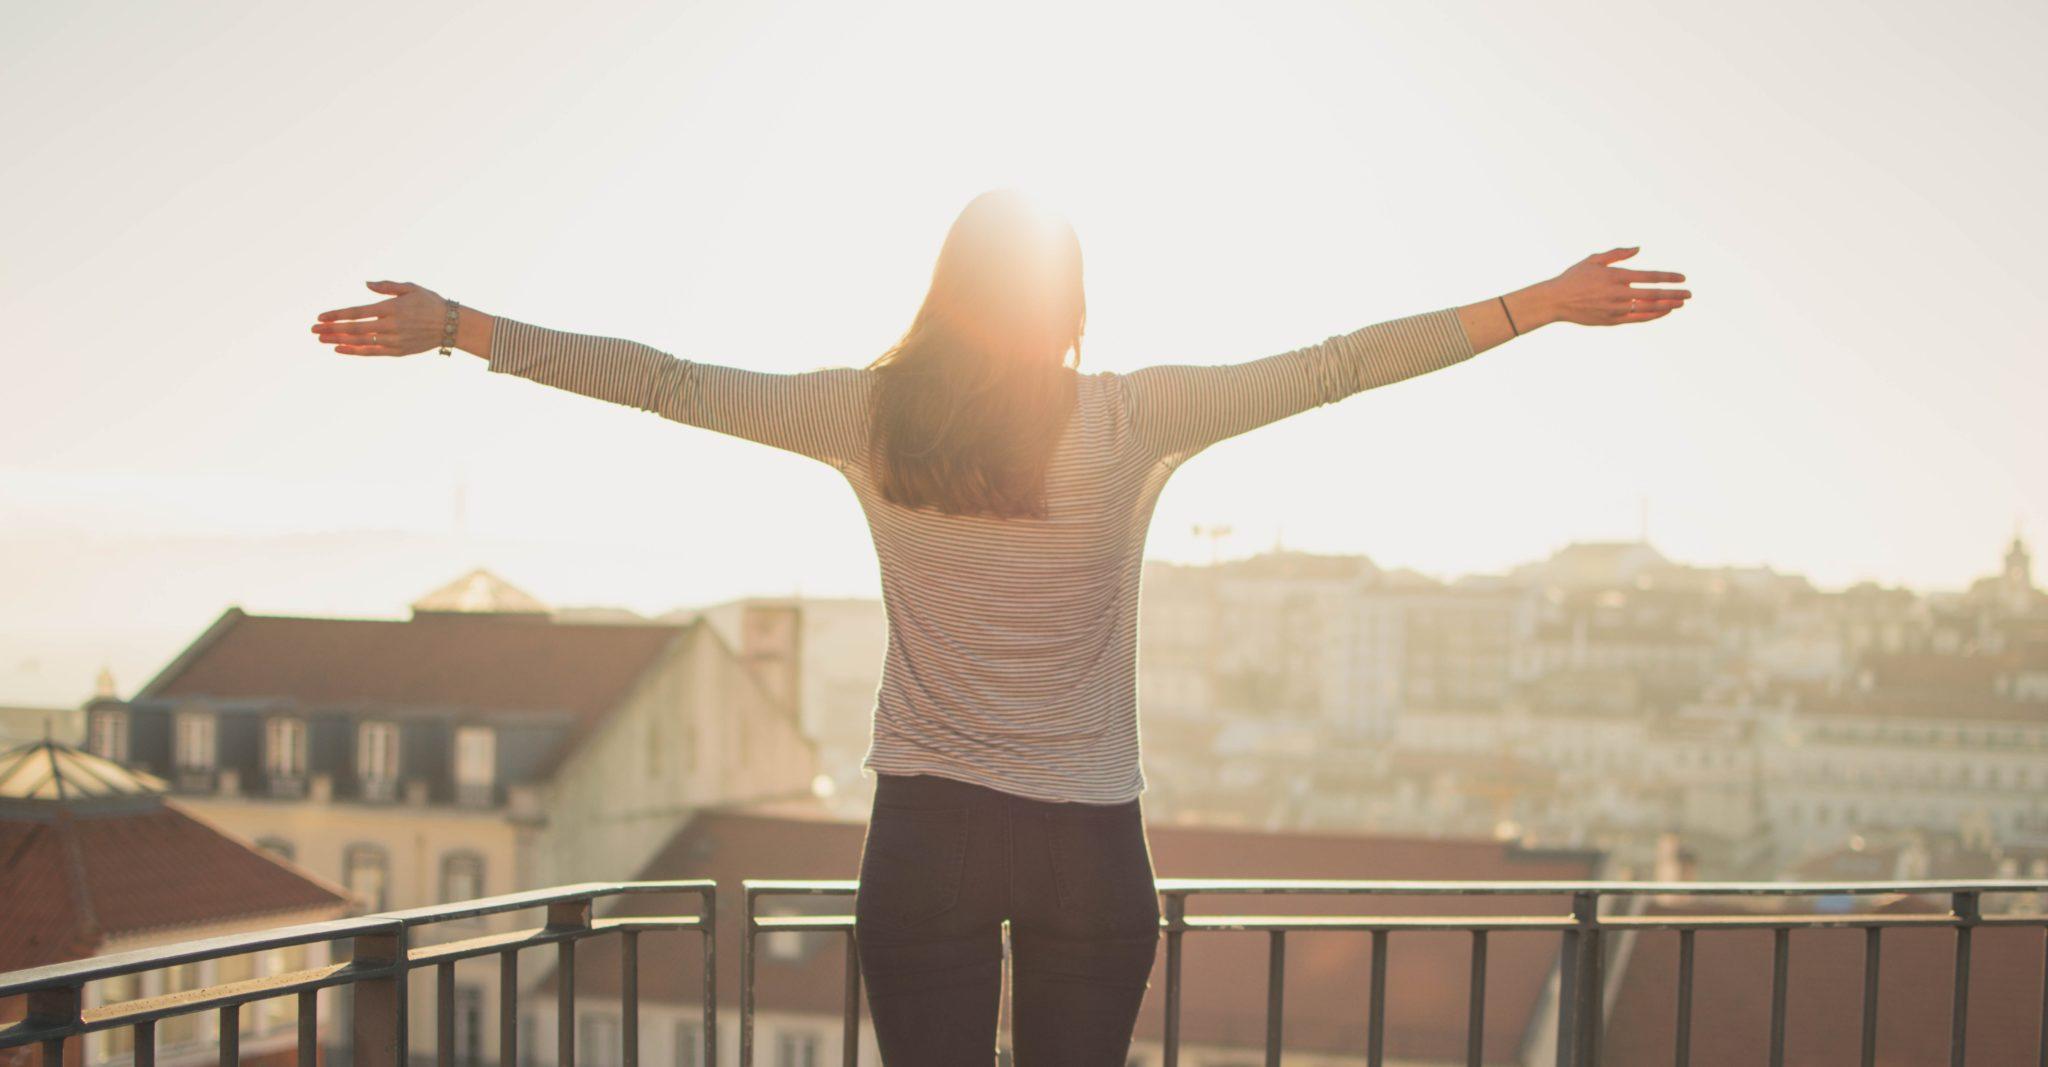 Morgenroutinen: So startest du produktiv in den Tag